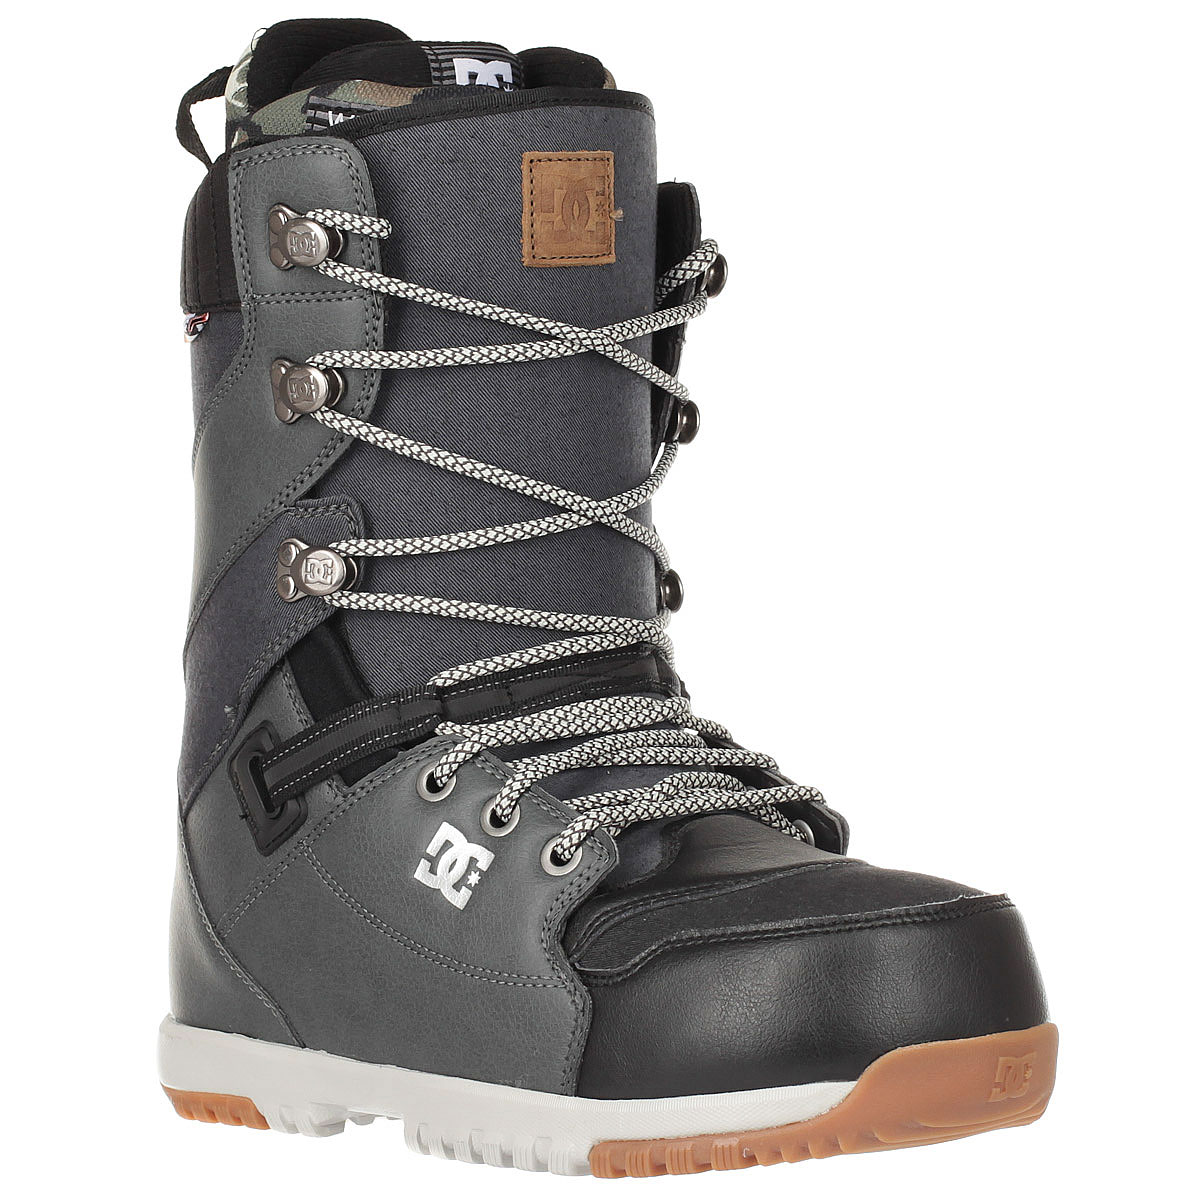 Купить ботинки для сноуборда DC Mutiny Dark Shadow (ADYO200034-DSD ... cae68871bbb